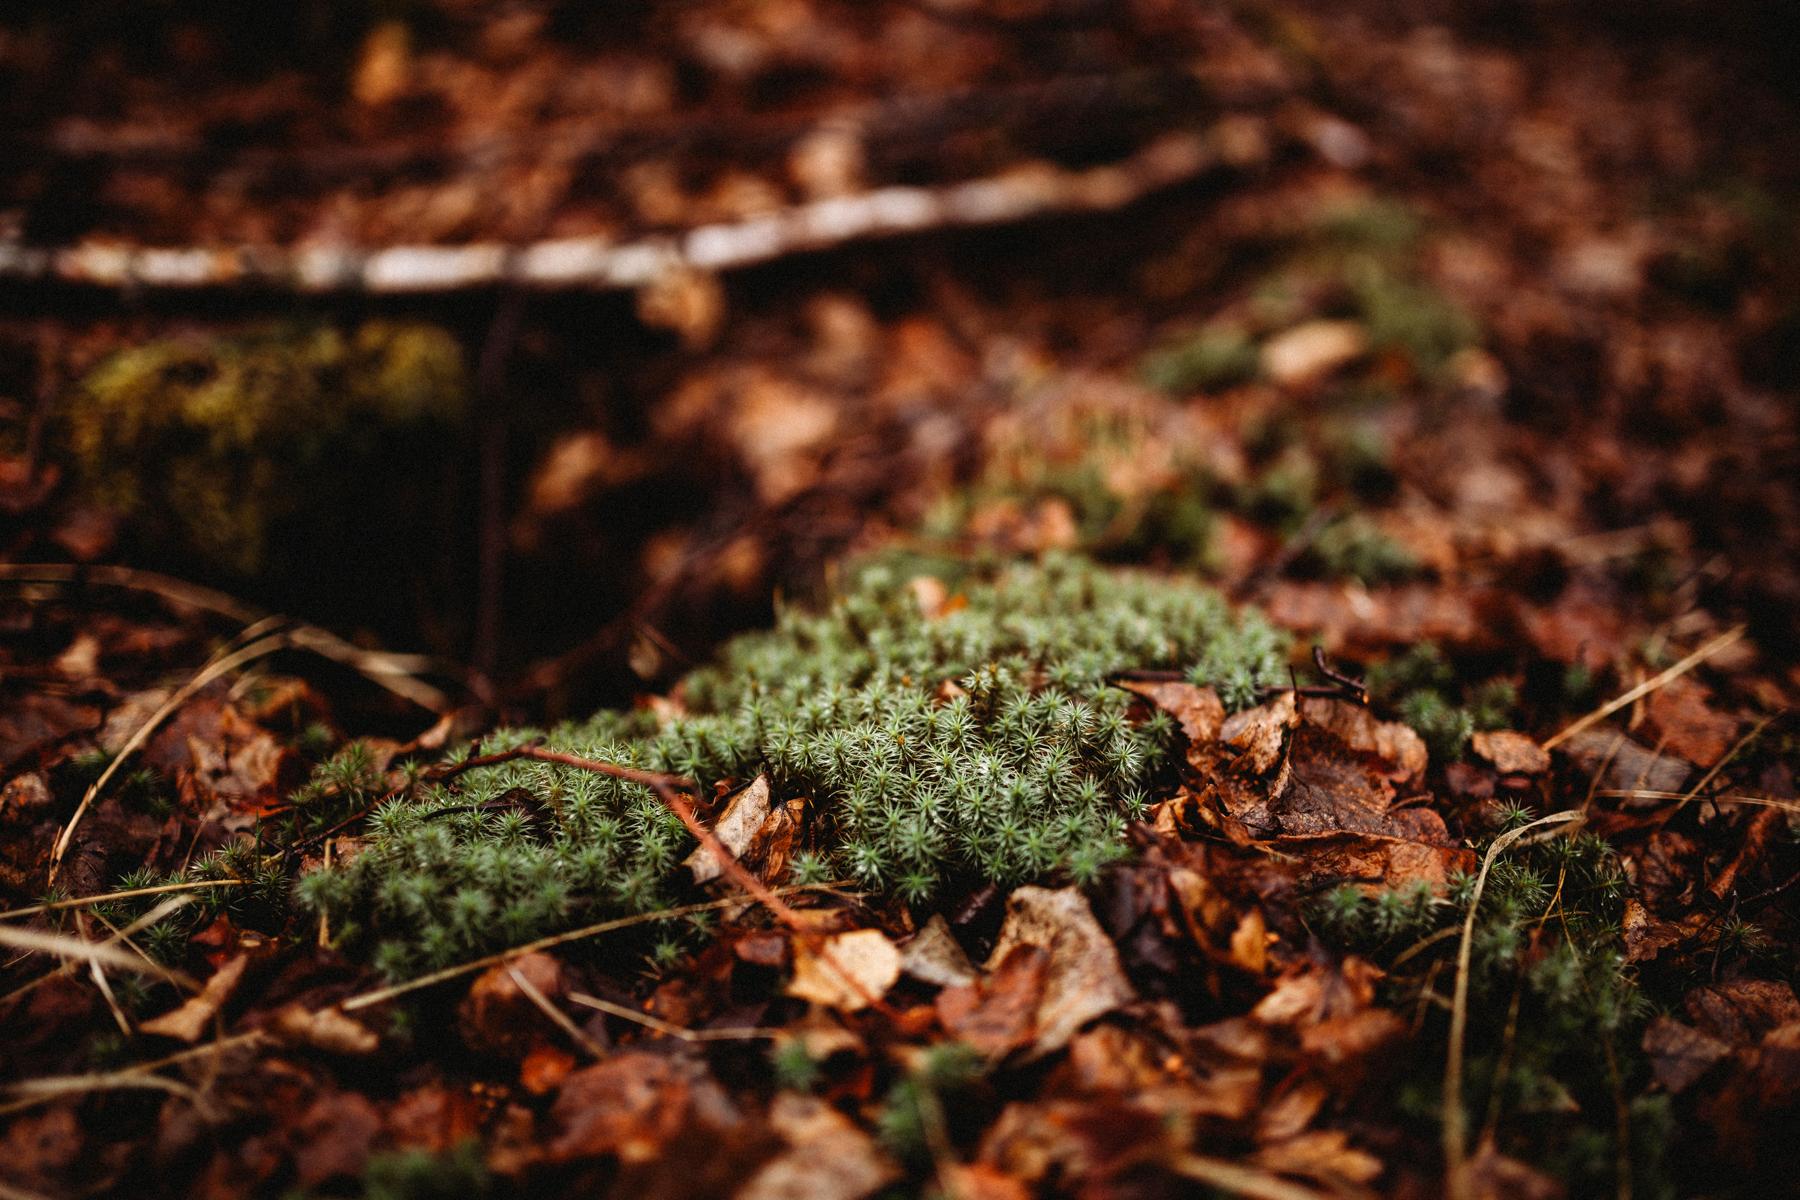 ashandfernforest10_1.jpg